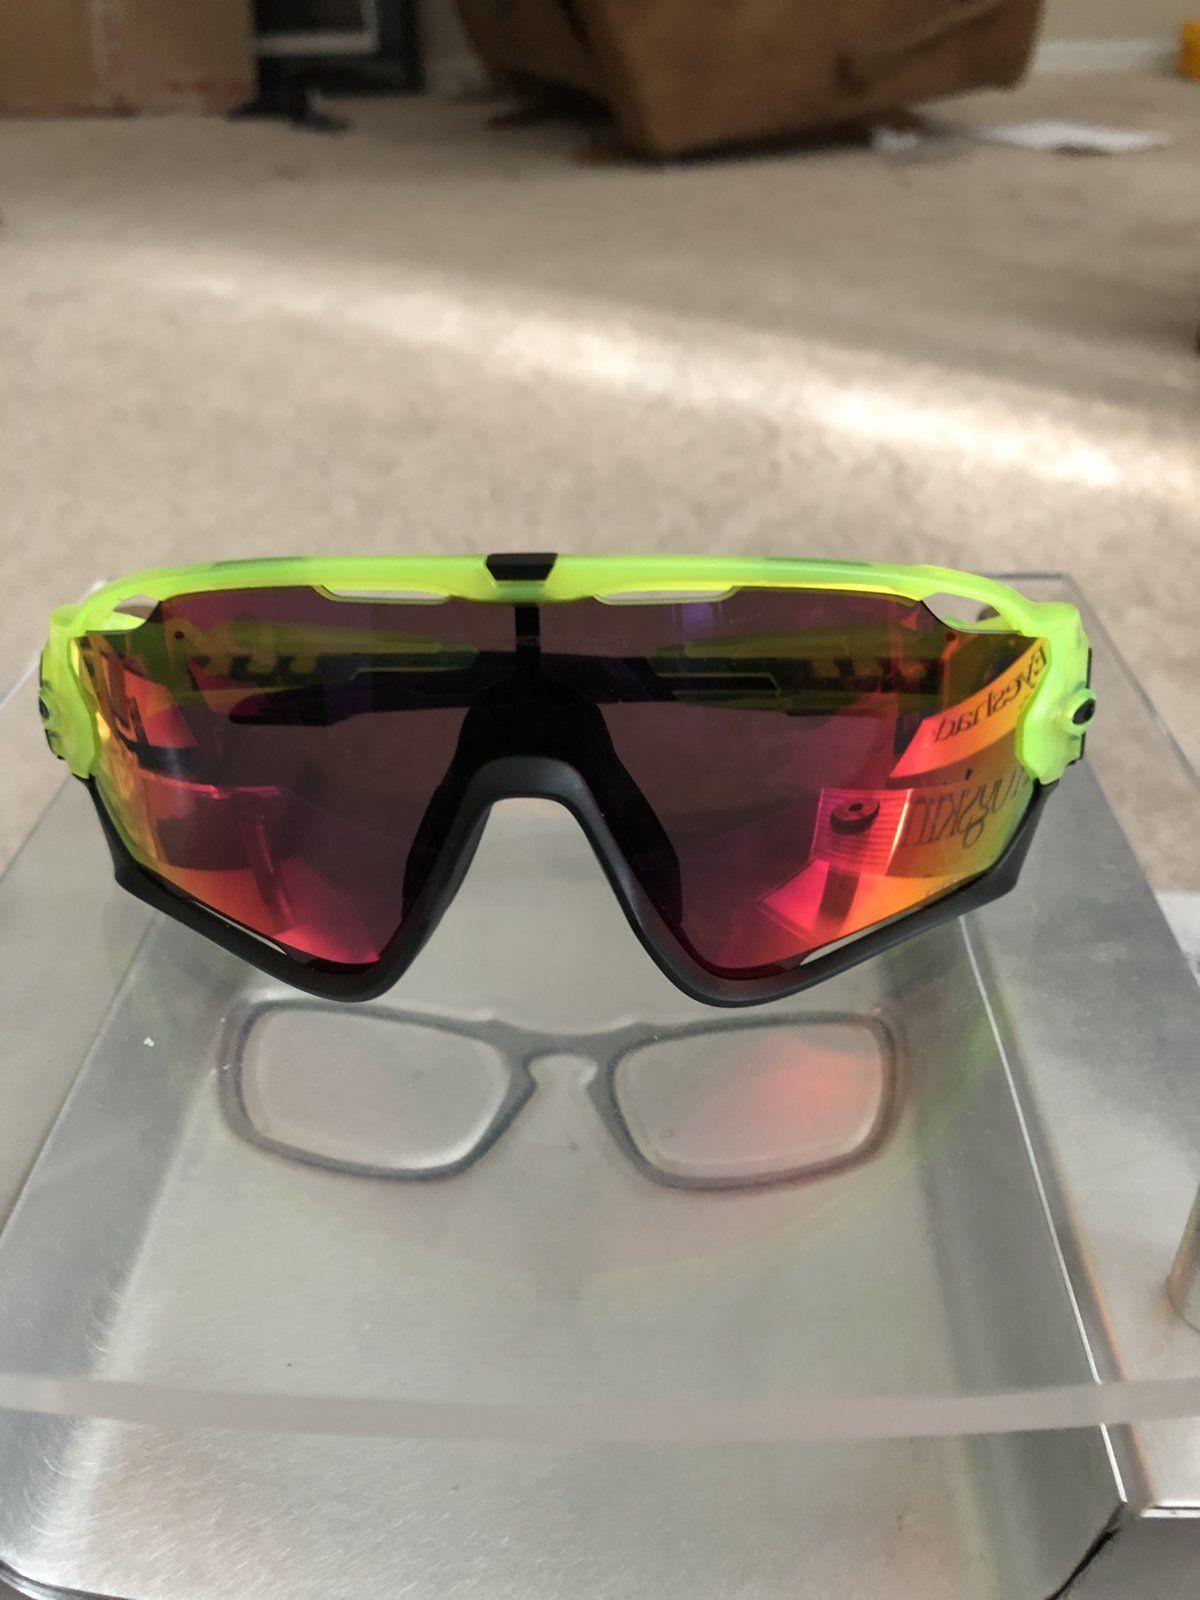 15 pairs for sale (new stuff-part 1) - 9AC8327A-F8B1-4F15-962B-54B8A2111E88.jpeg